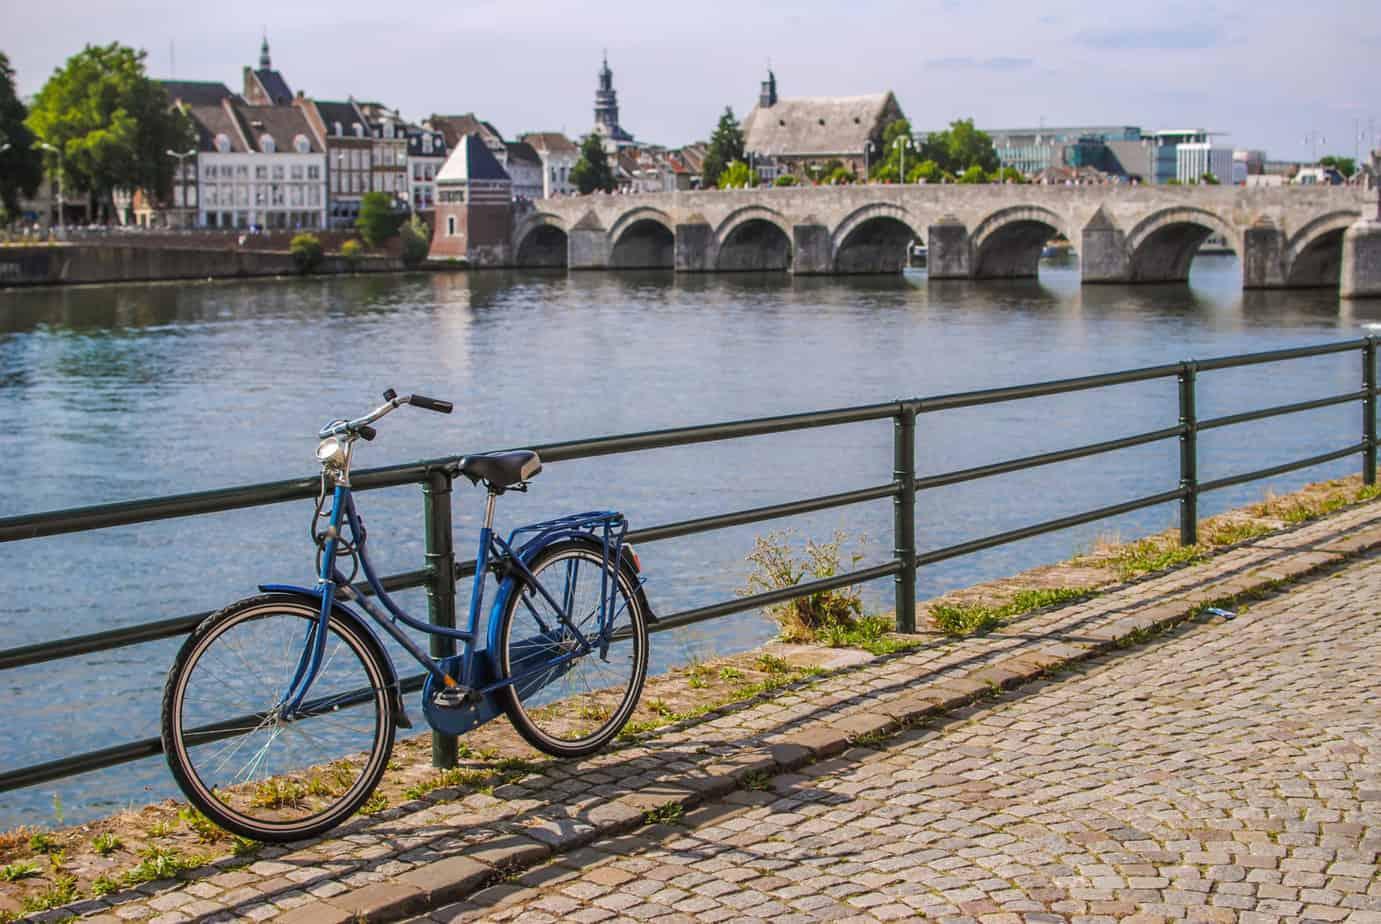 sporten in Maastricht, Netherlands